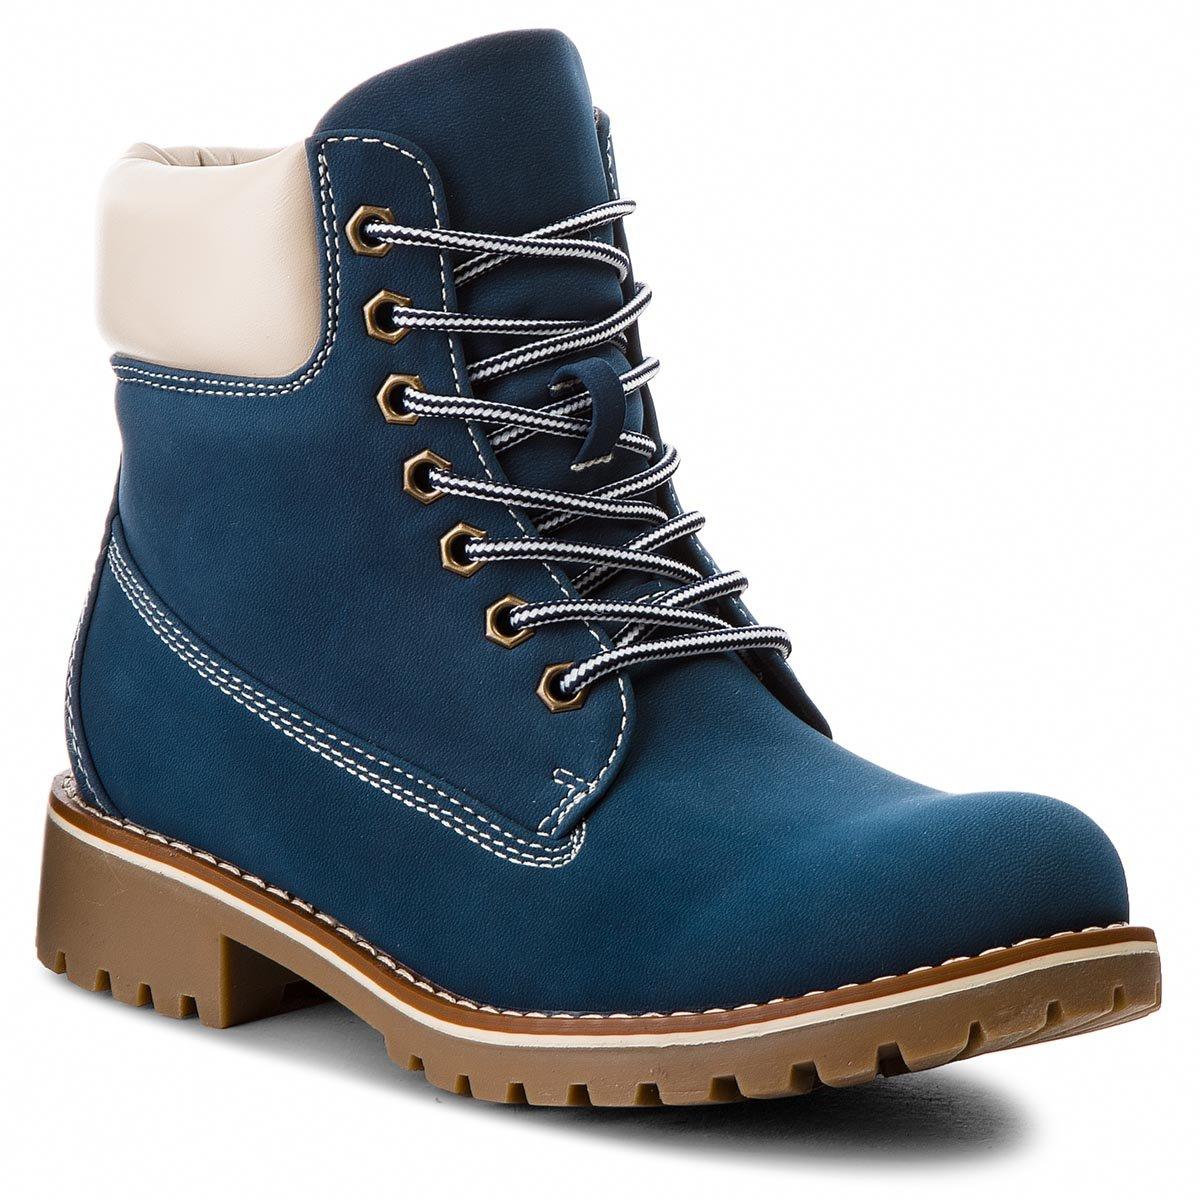 7e64444a305 šněrovací bota vysoká Jenny Fairy WS722-6 tmavě modrá Dámské -  https   ccc.eu